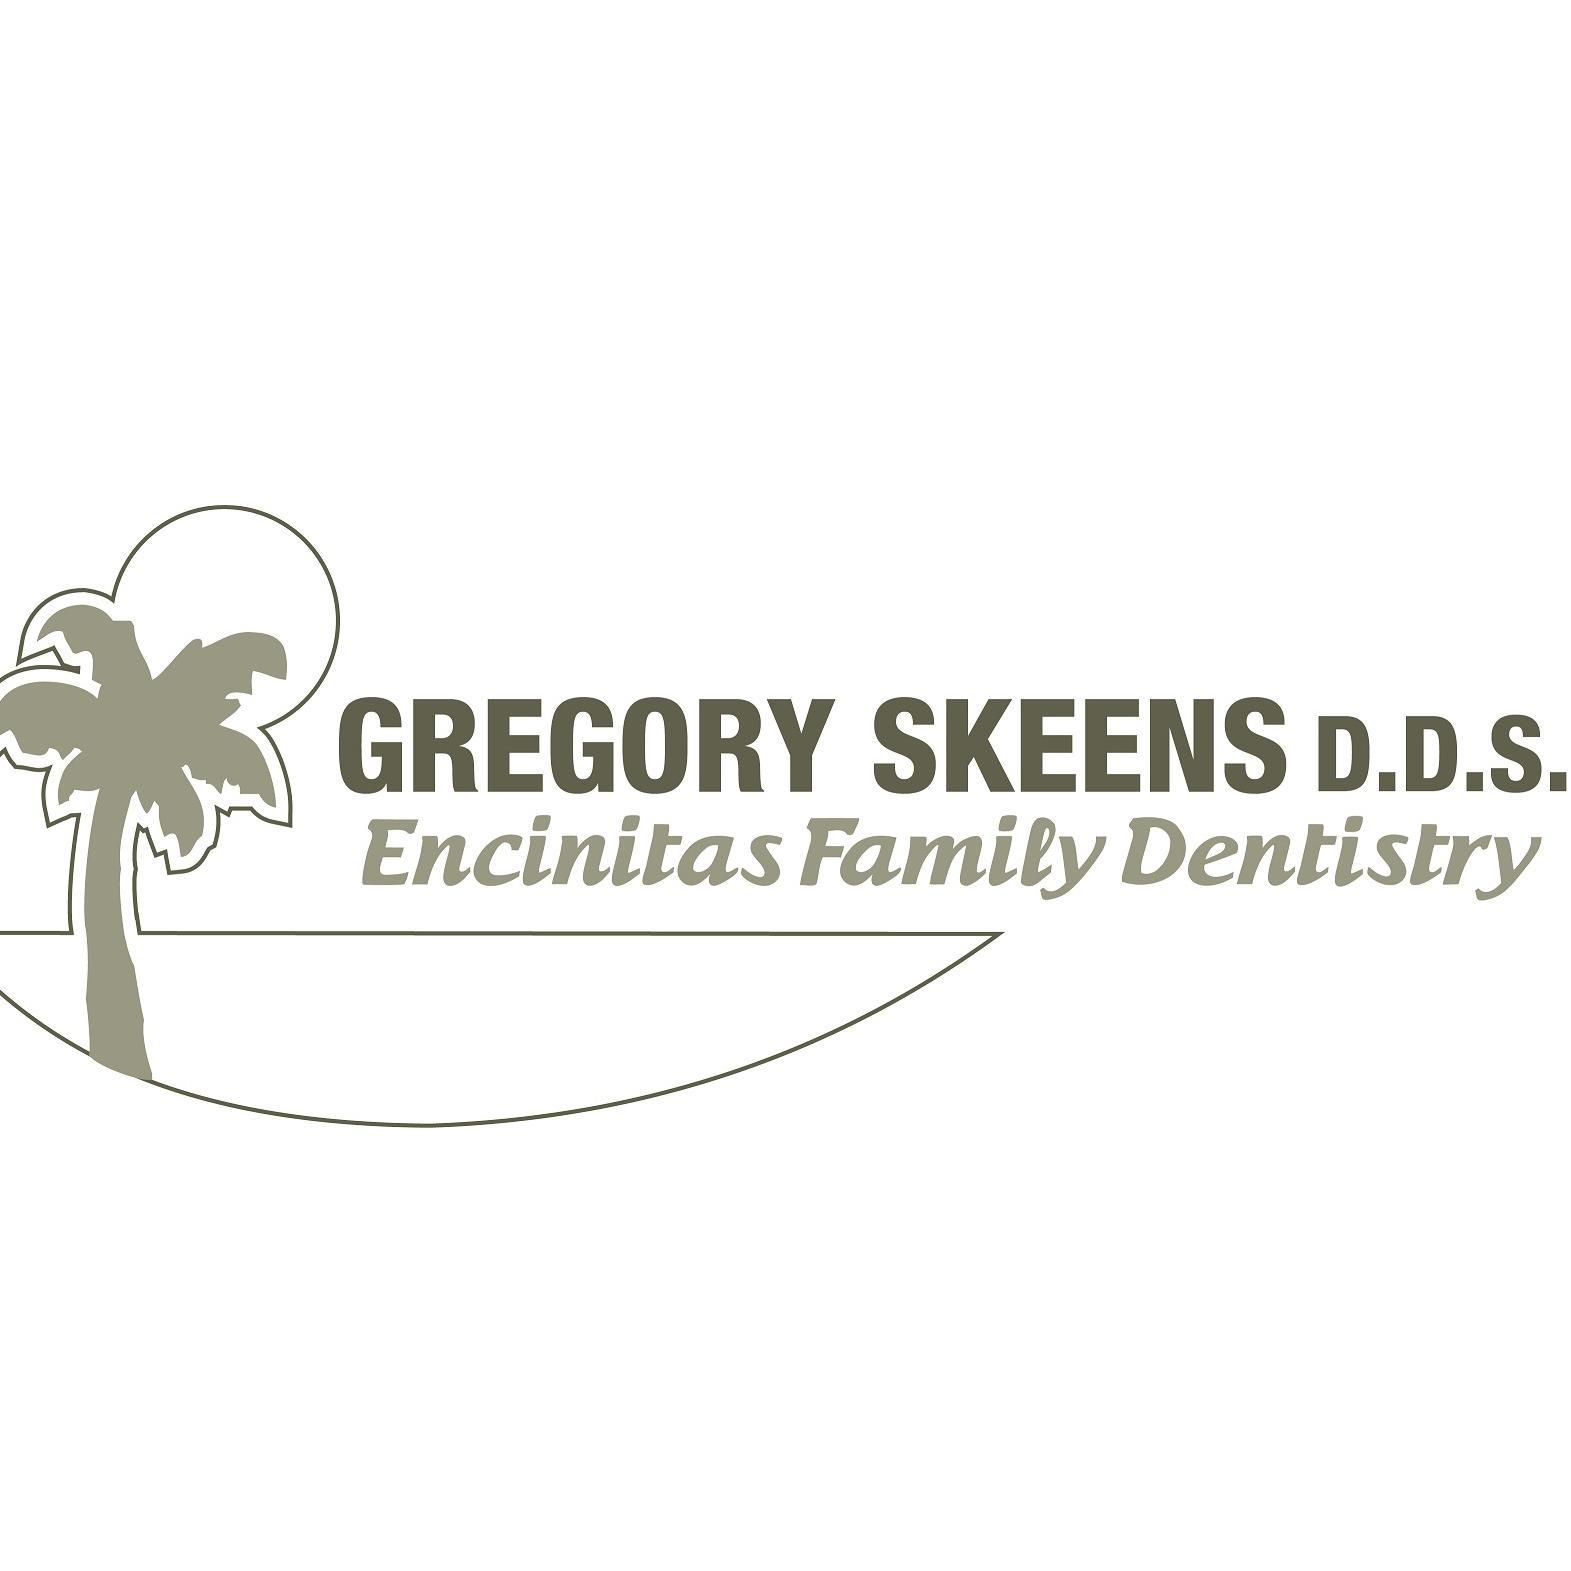 Gregory W. Skeens Jr. DDS